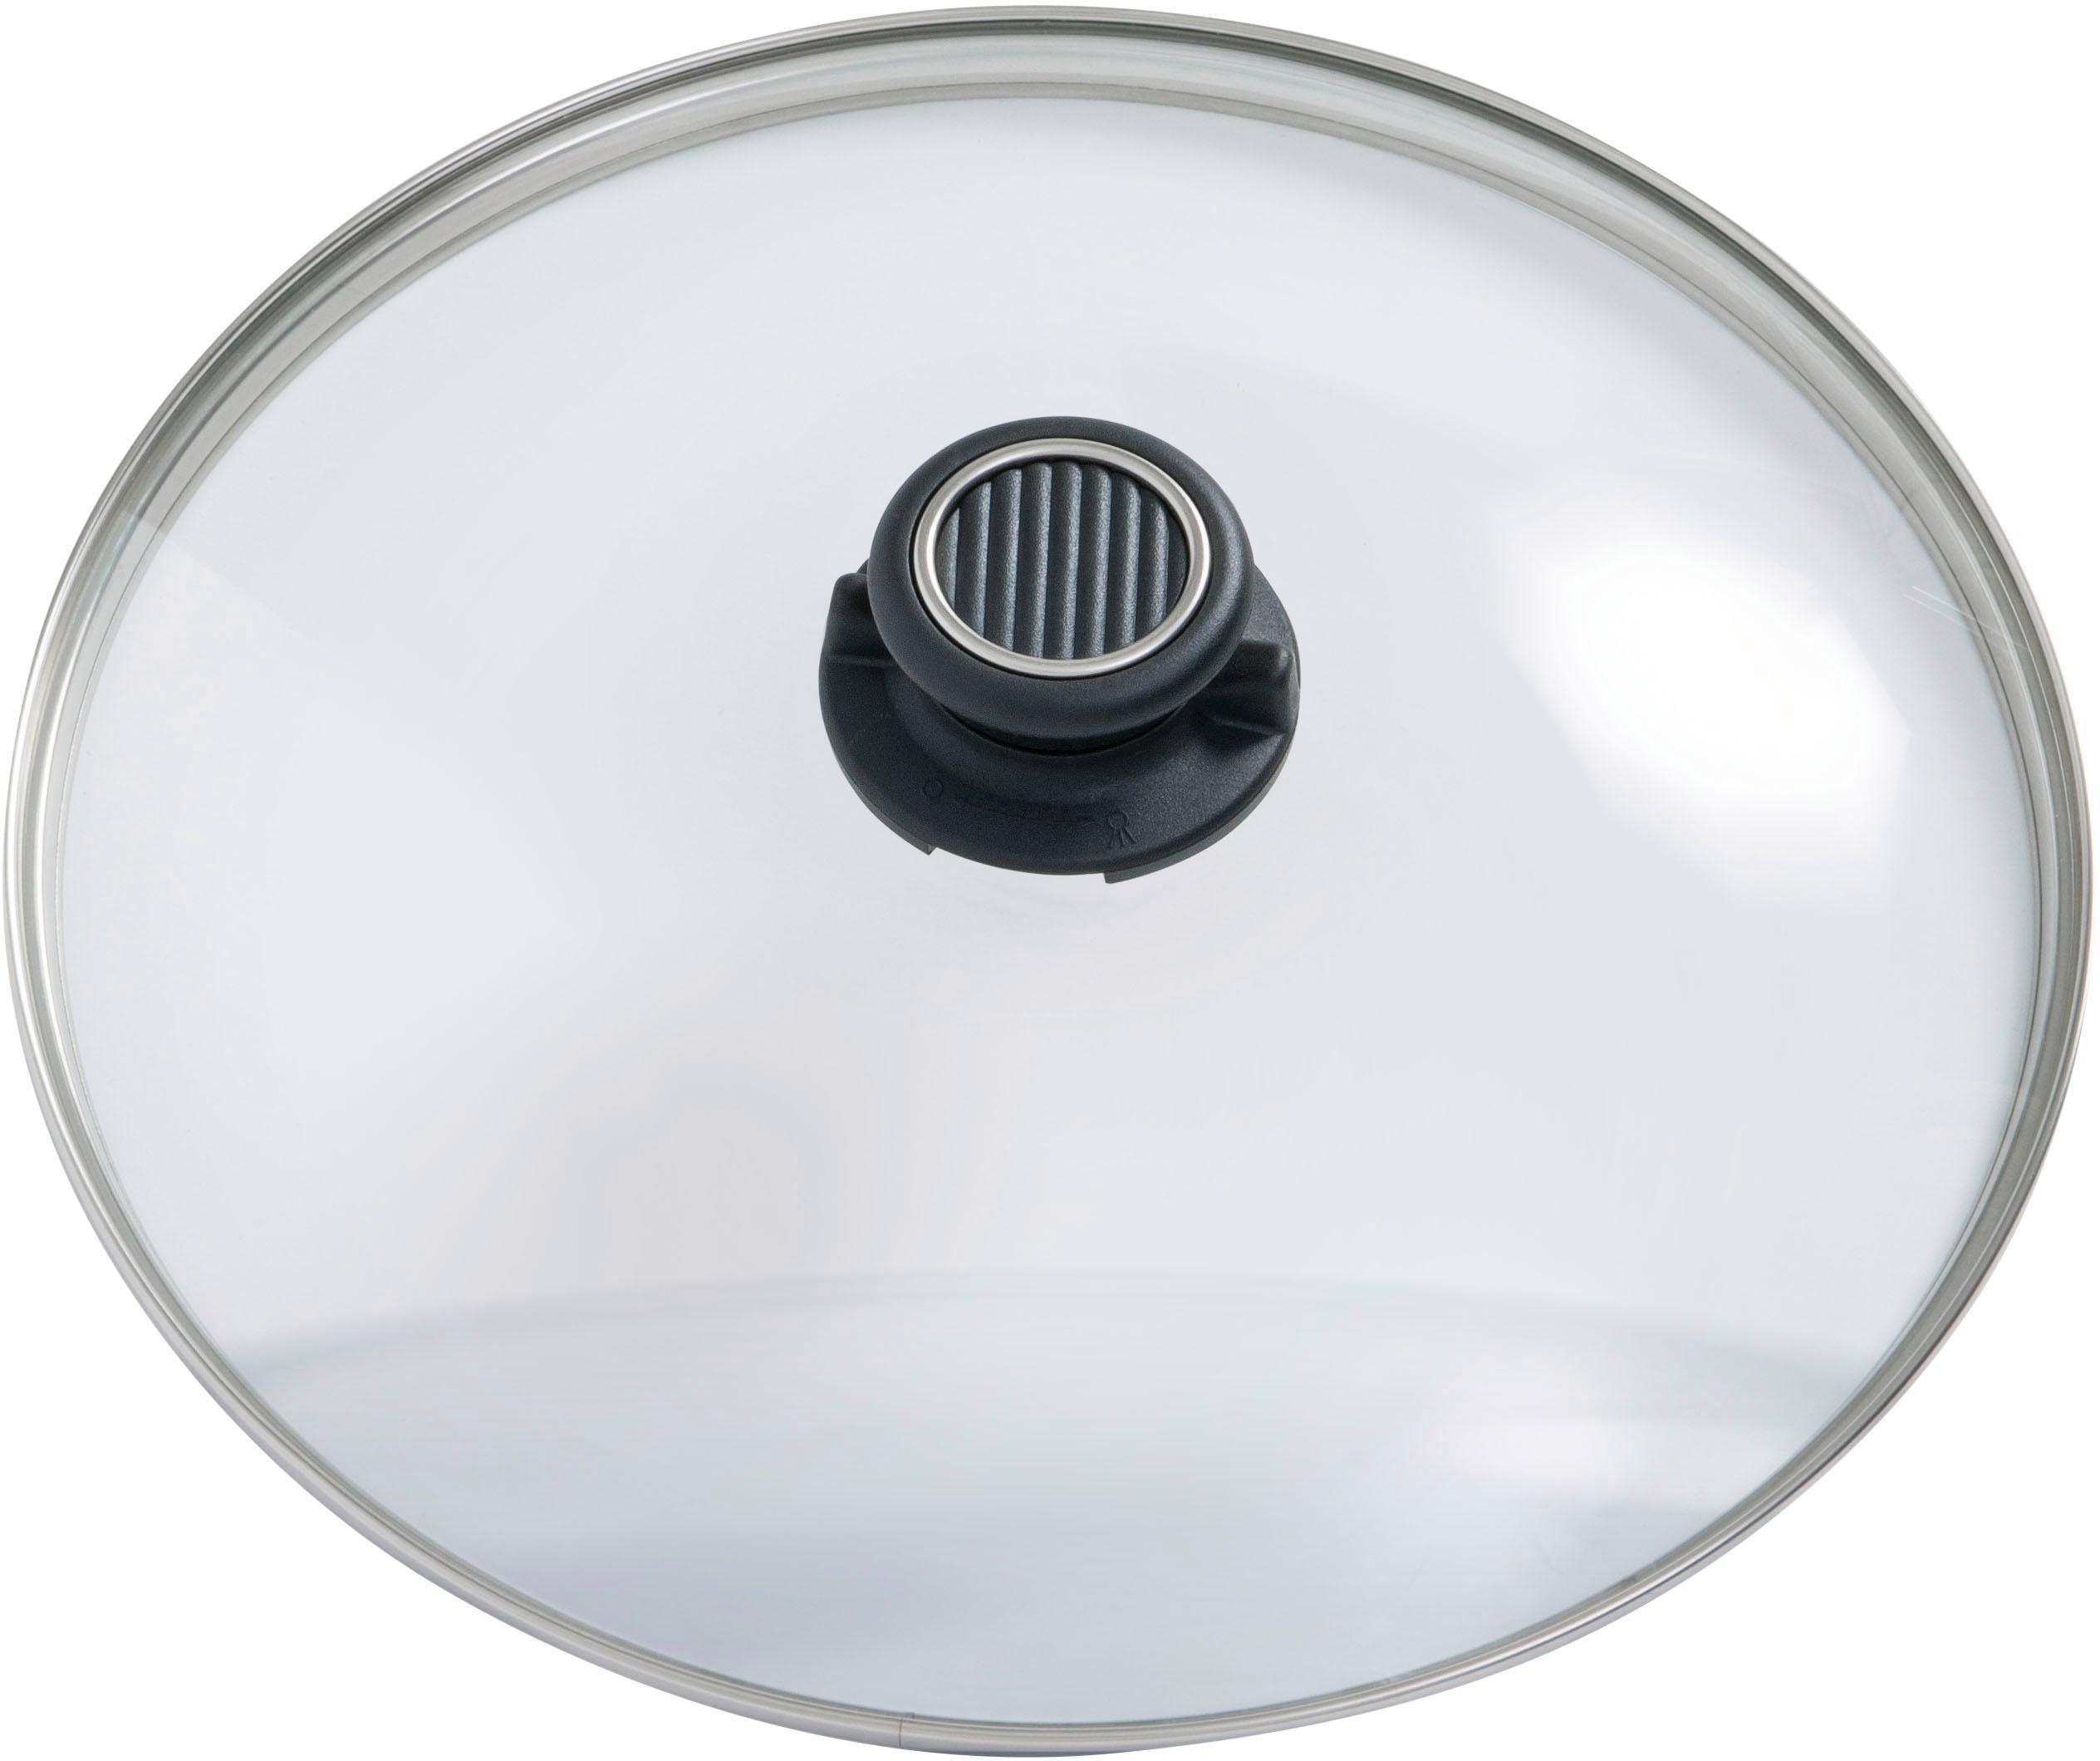 Gastrolux Deckel Deluxe farblos Zubehör für Töpfe Haushaltswaren